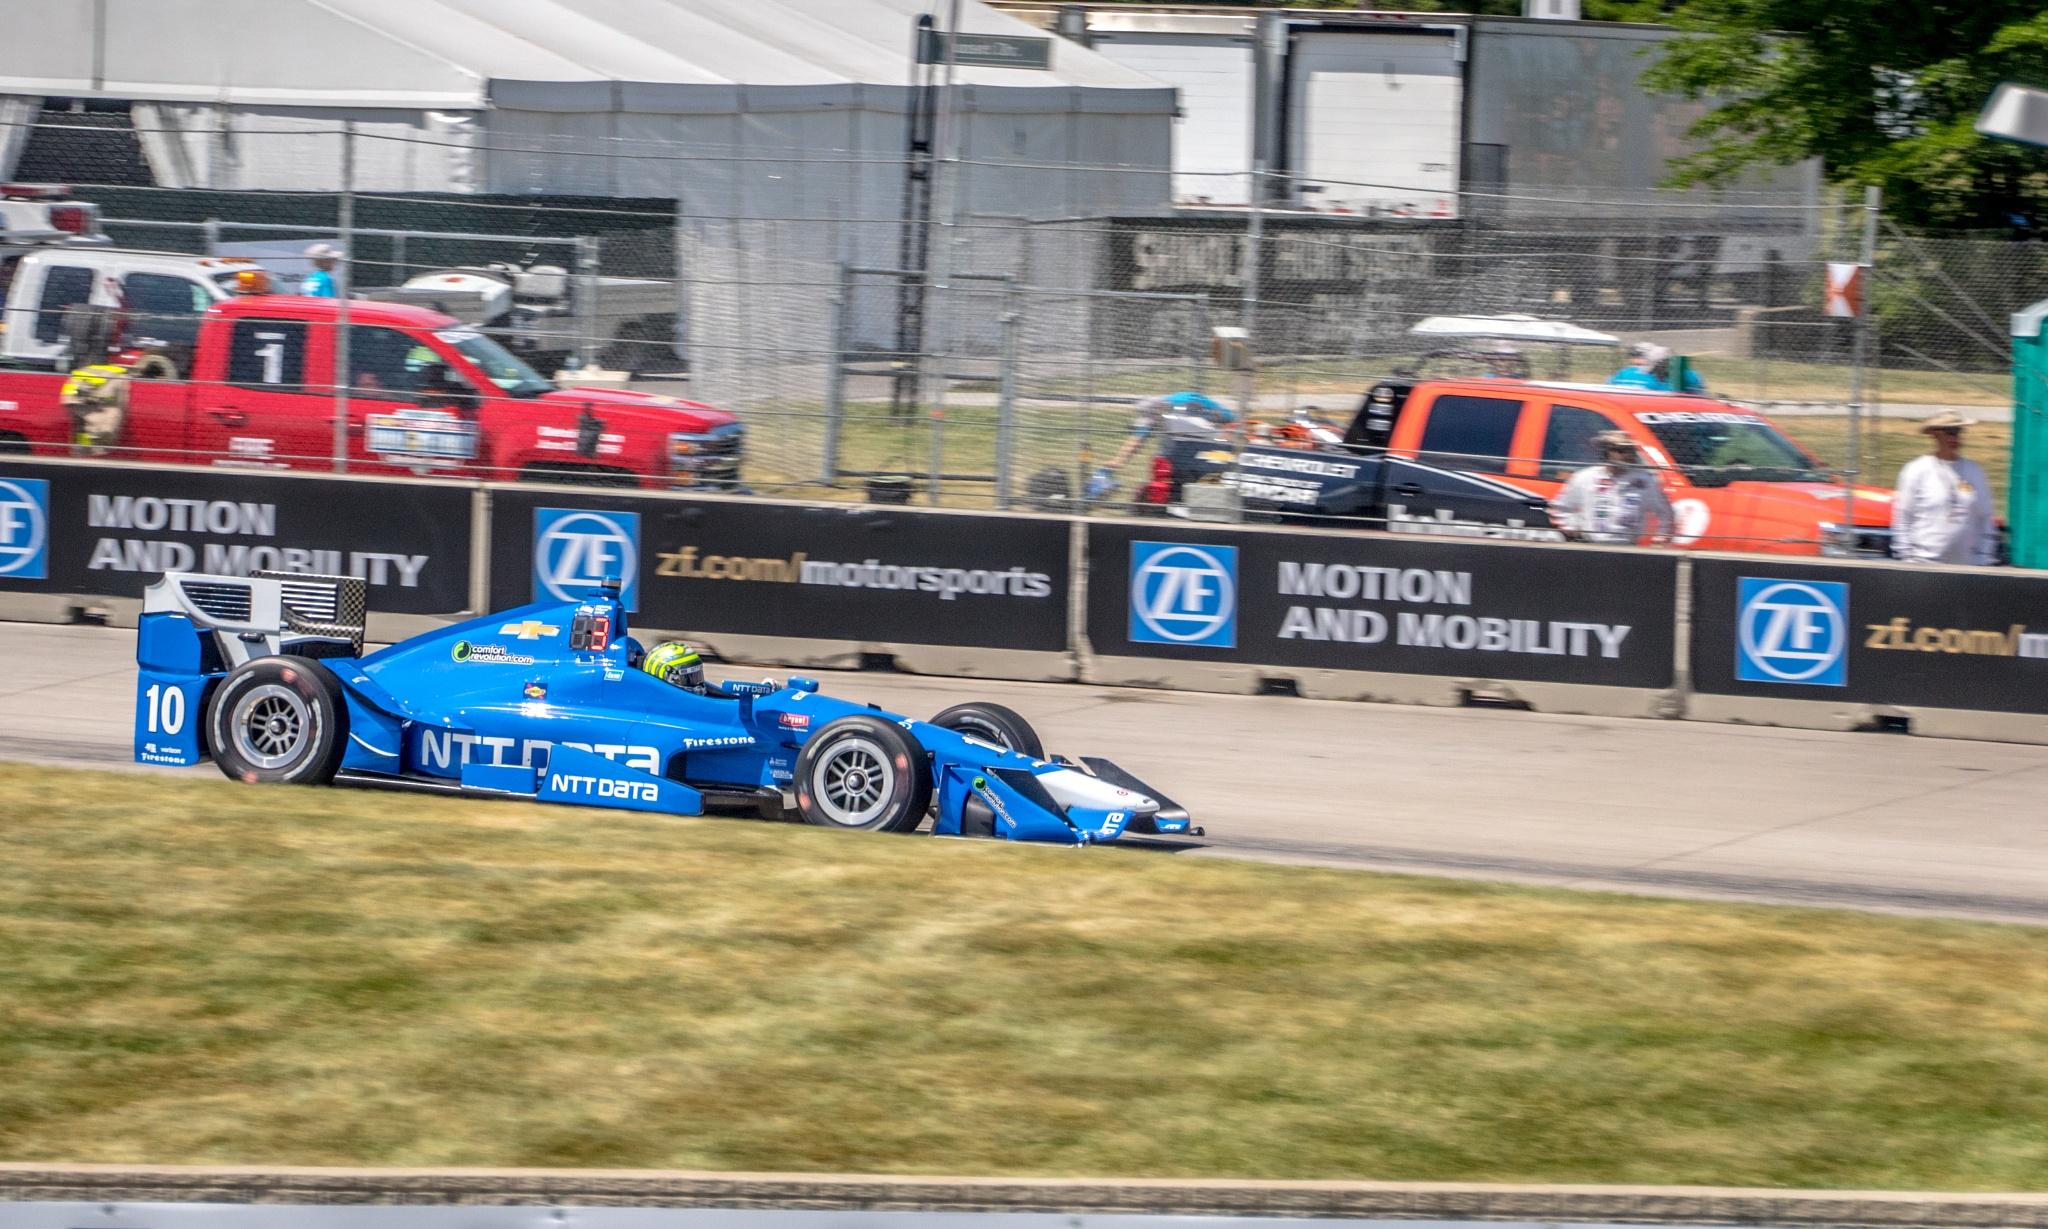 #10 Indycar  by Gnewsom324